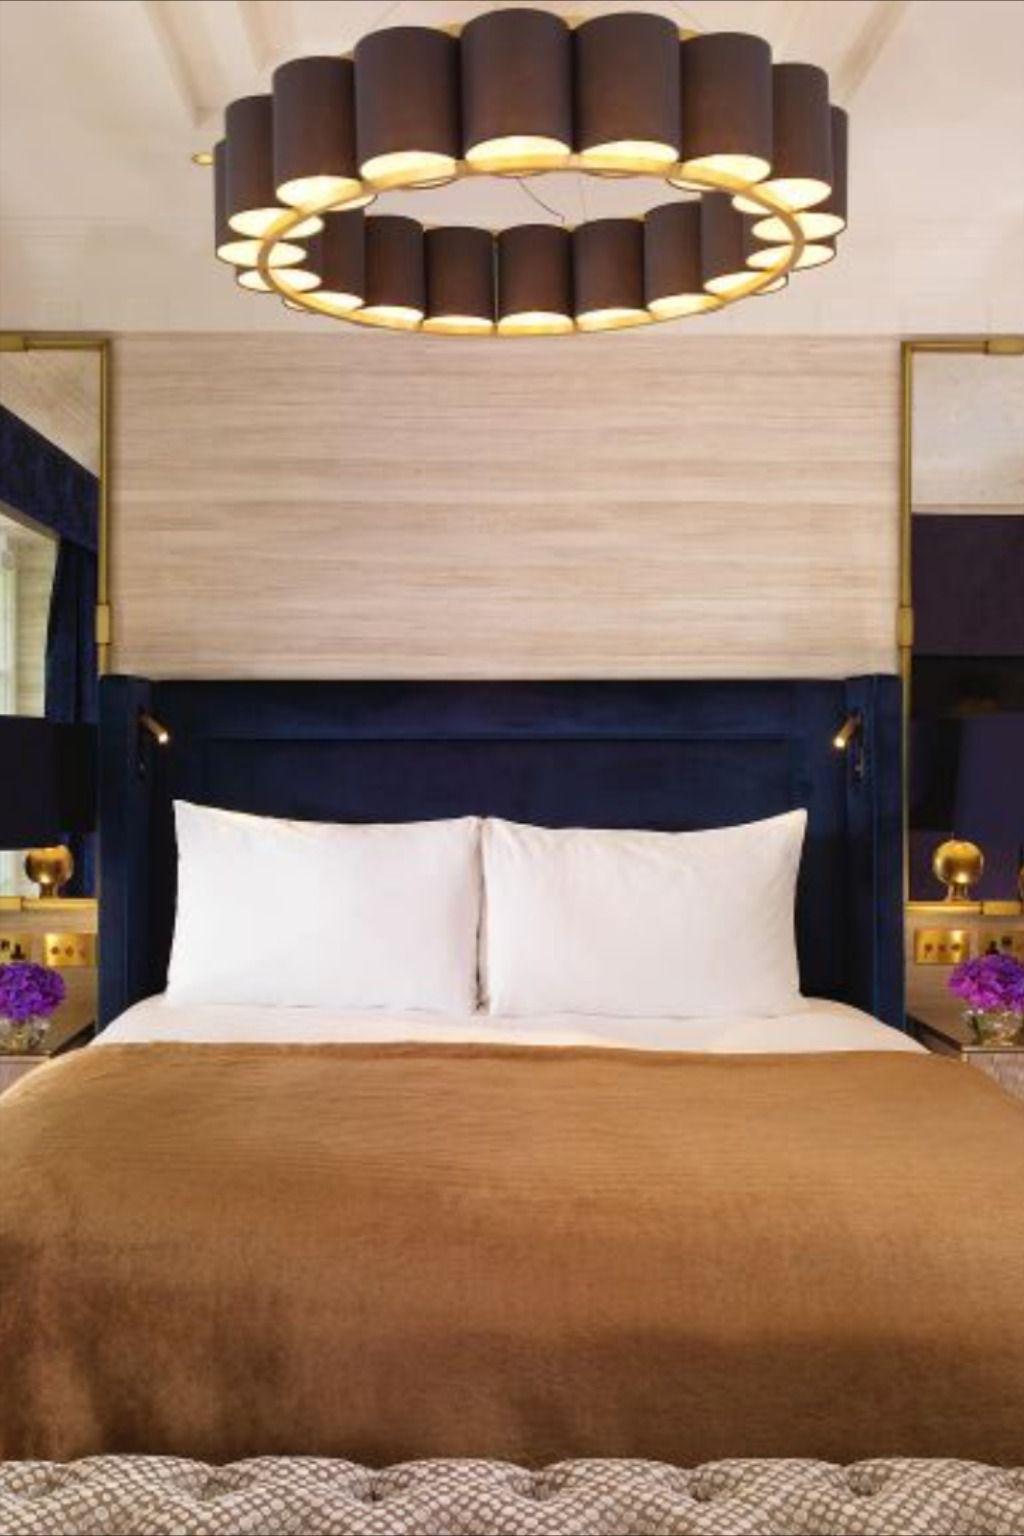 60 Hotel Design Architecture Ideas In 2021 Hotel Design Architecture Hotel Hotels Design